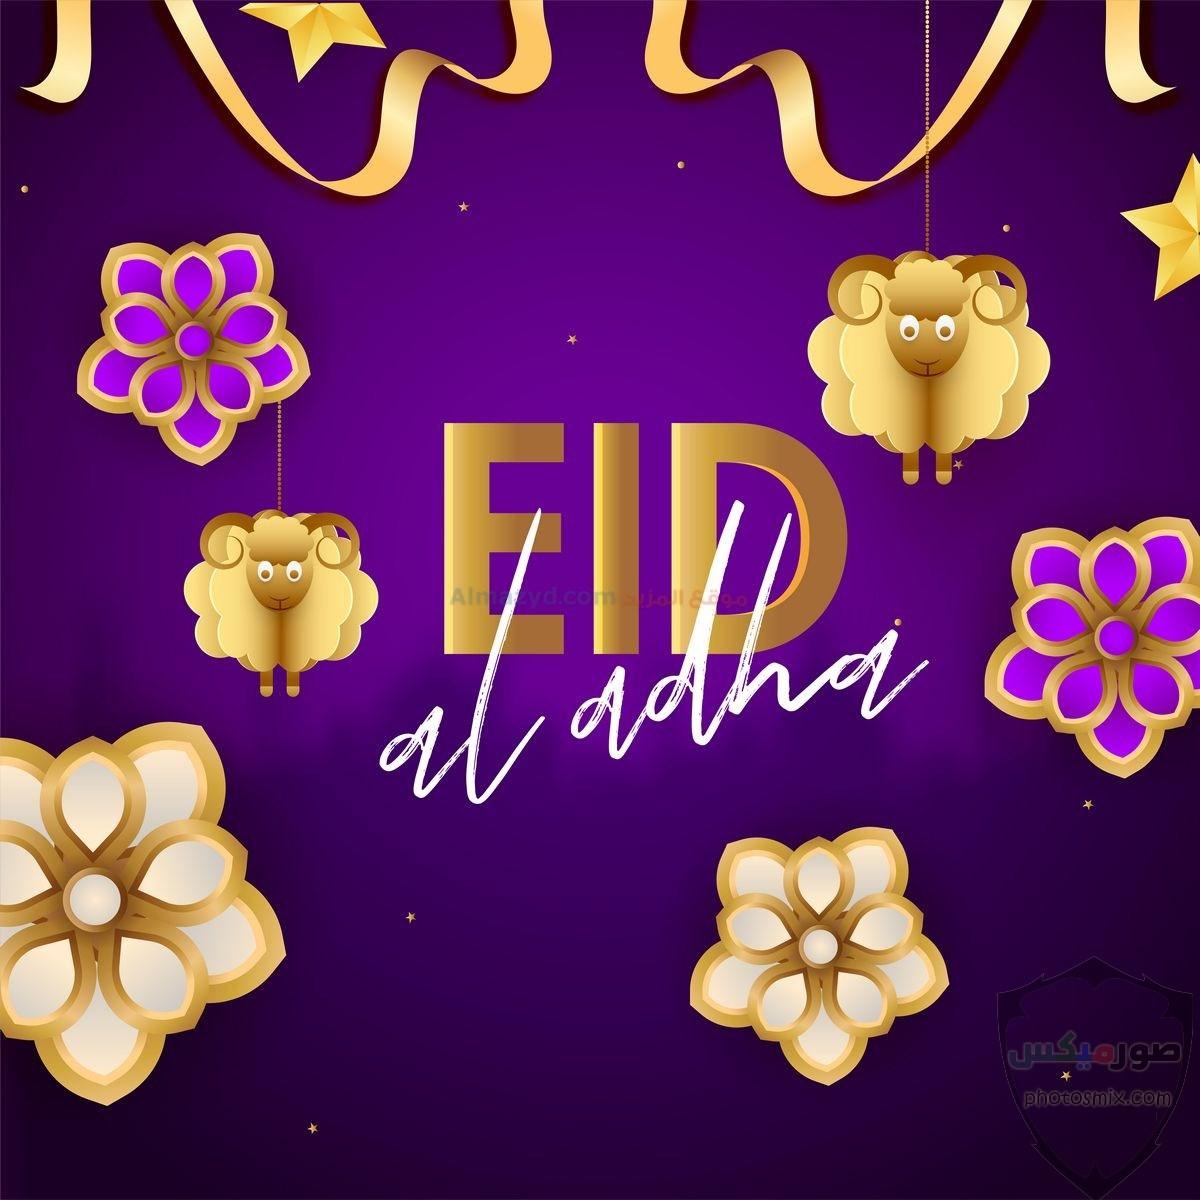 مظاهر الاحتفال بعيد الفطر 5 1